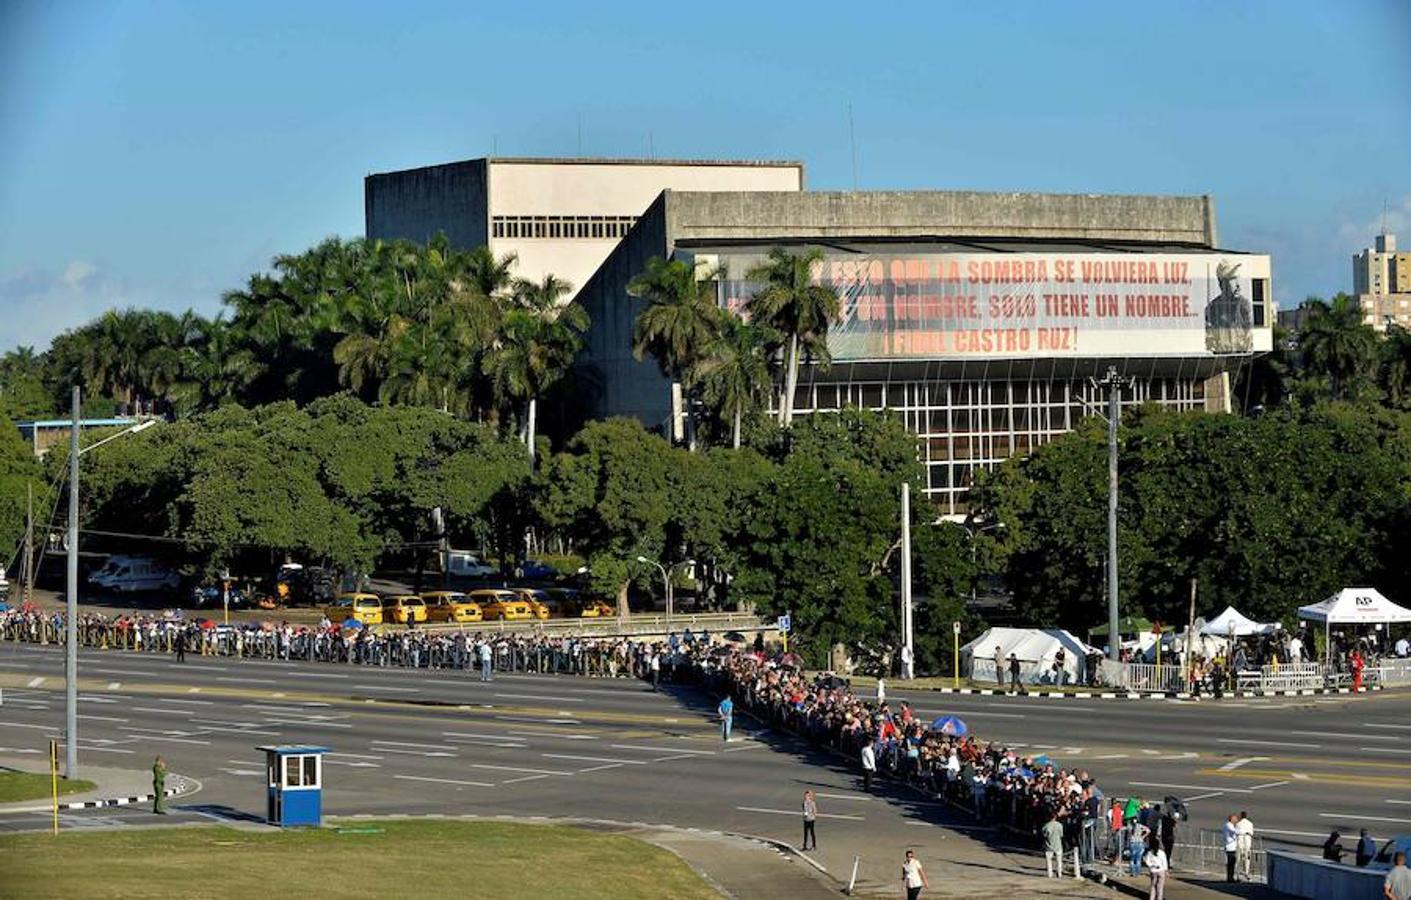 Los cubanos han hecho colas de más de tres horas para entrar al memorial de Fidel Castro desde primera hora de la mañana